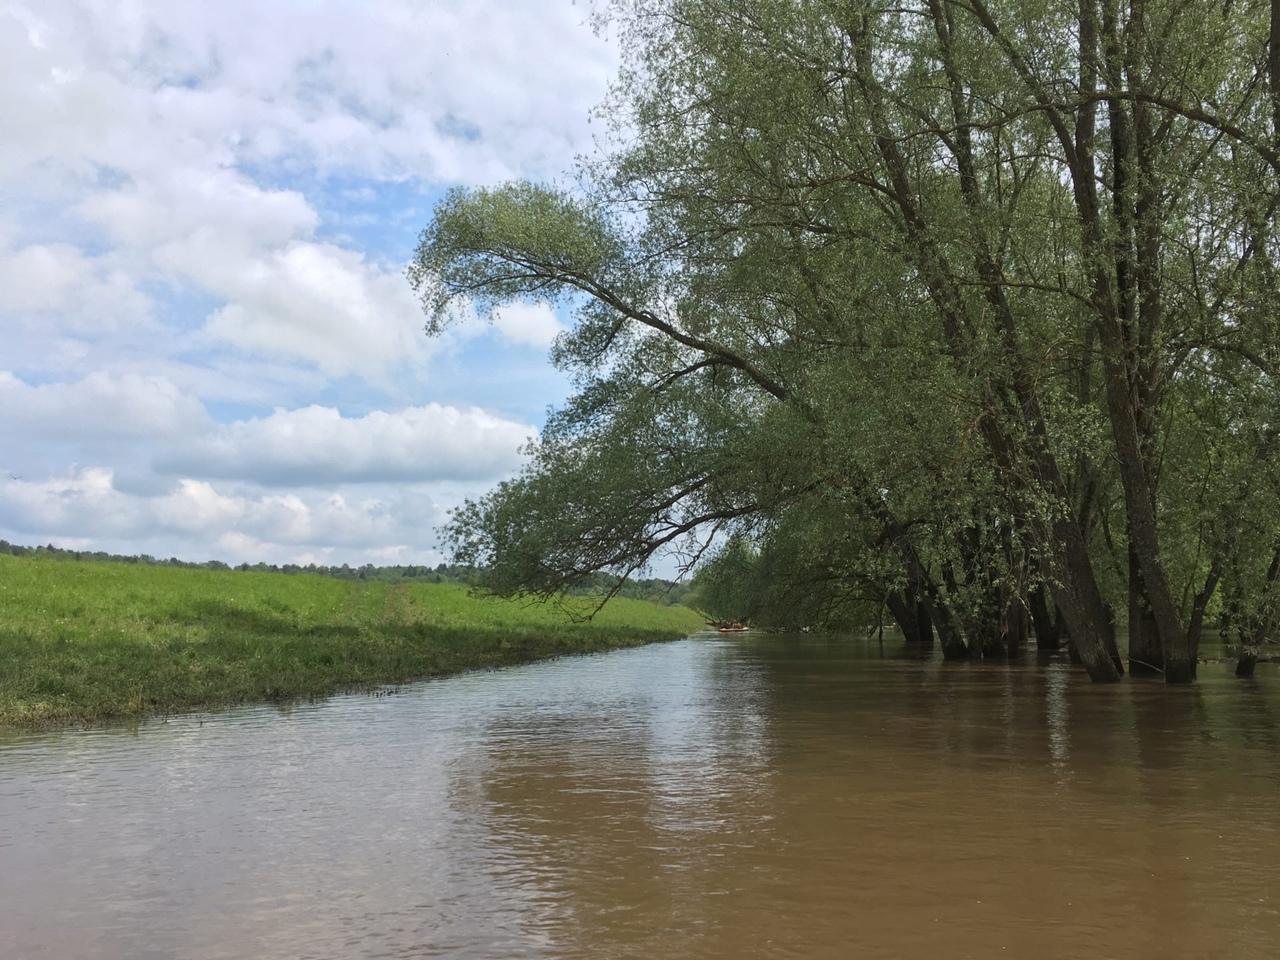 проход над берегом, затопленным водой